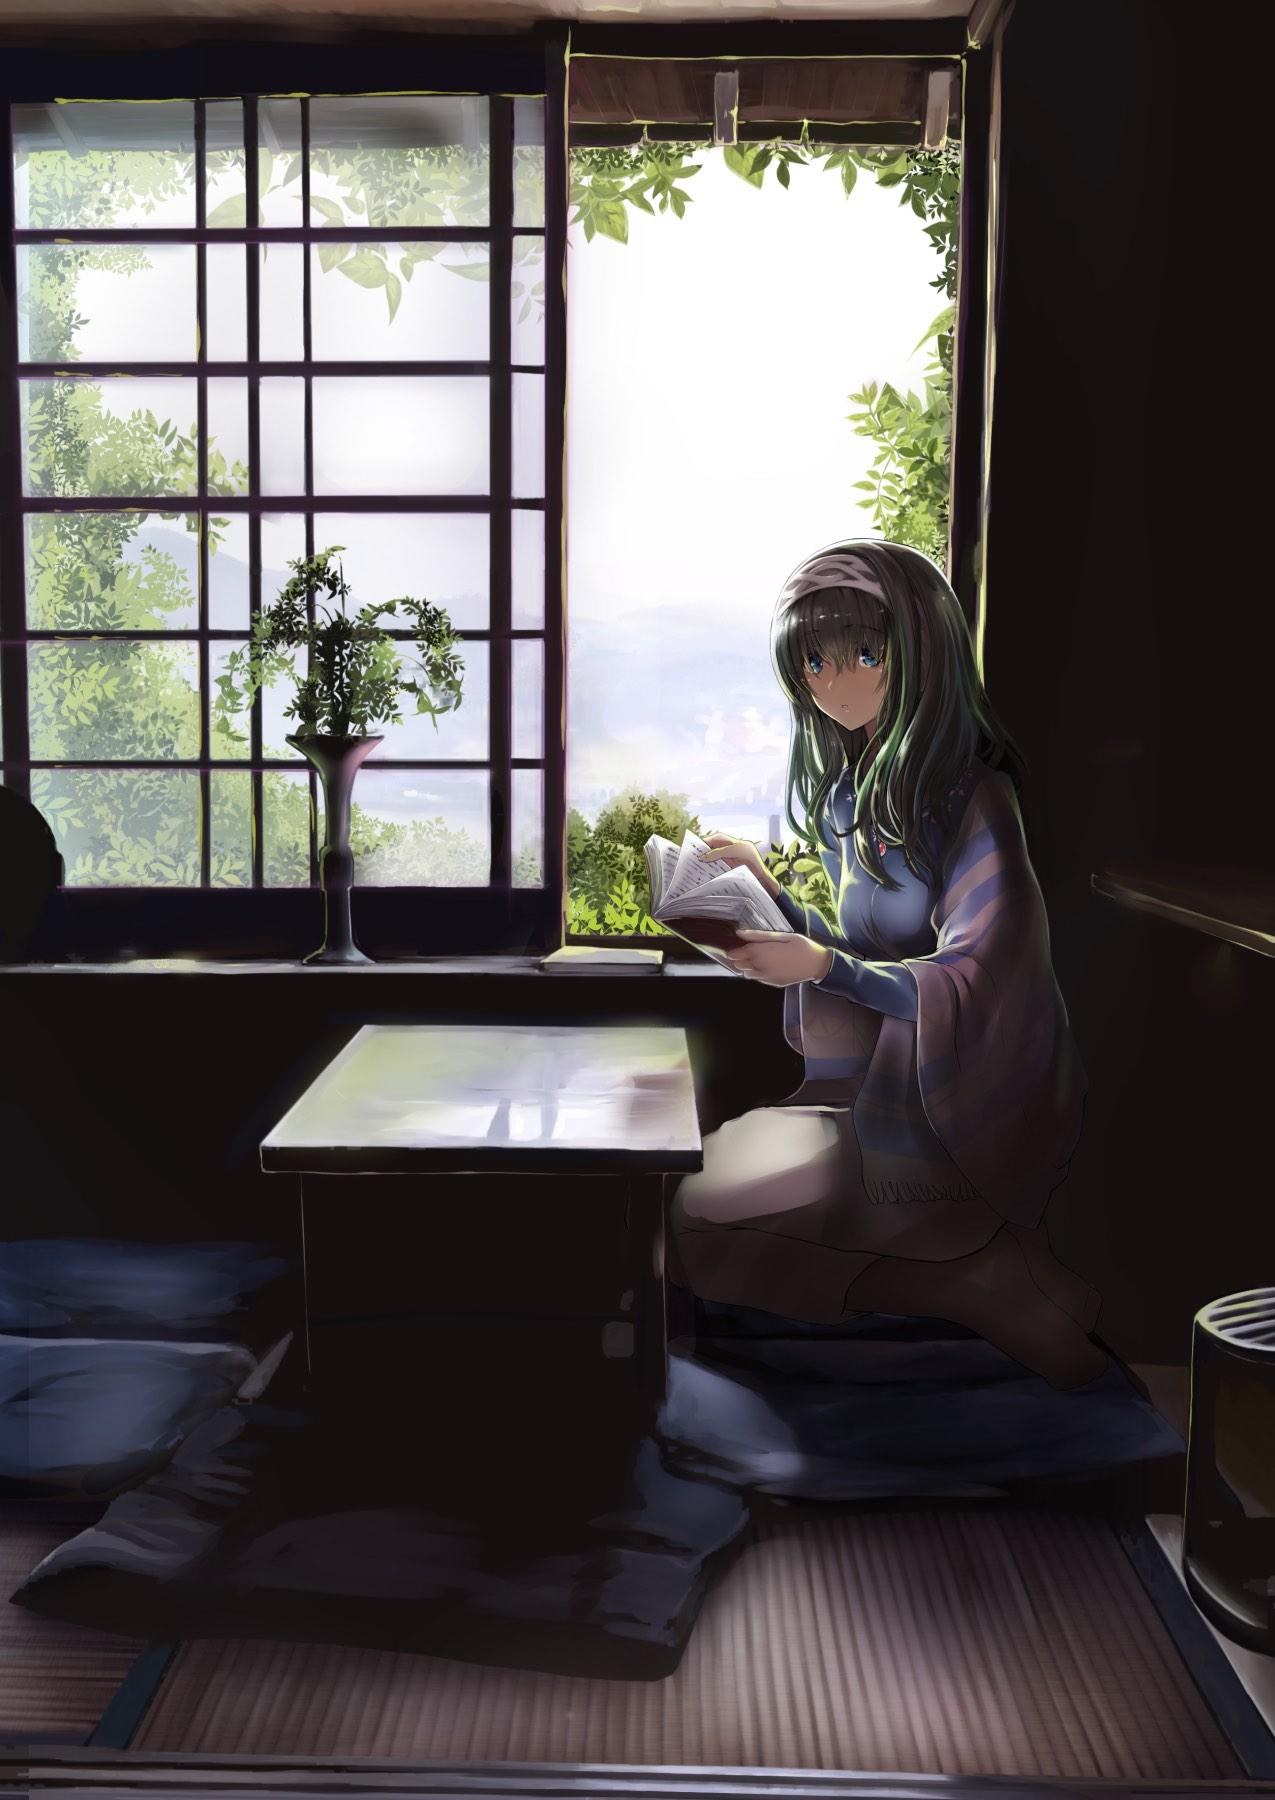 アイドルマスターシンデレラガールズ 鷺沢文香 / THE IDOLM@STER Sagisawa Fumika #2060